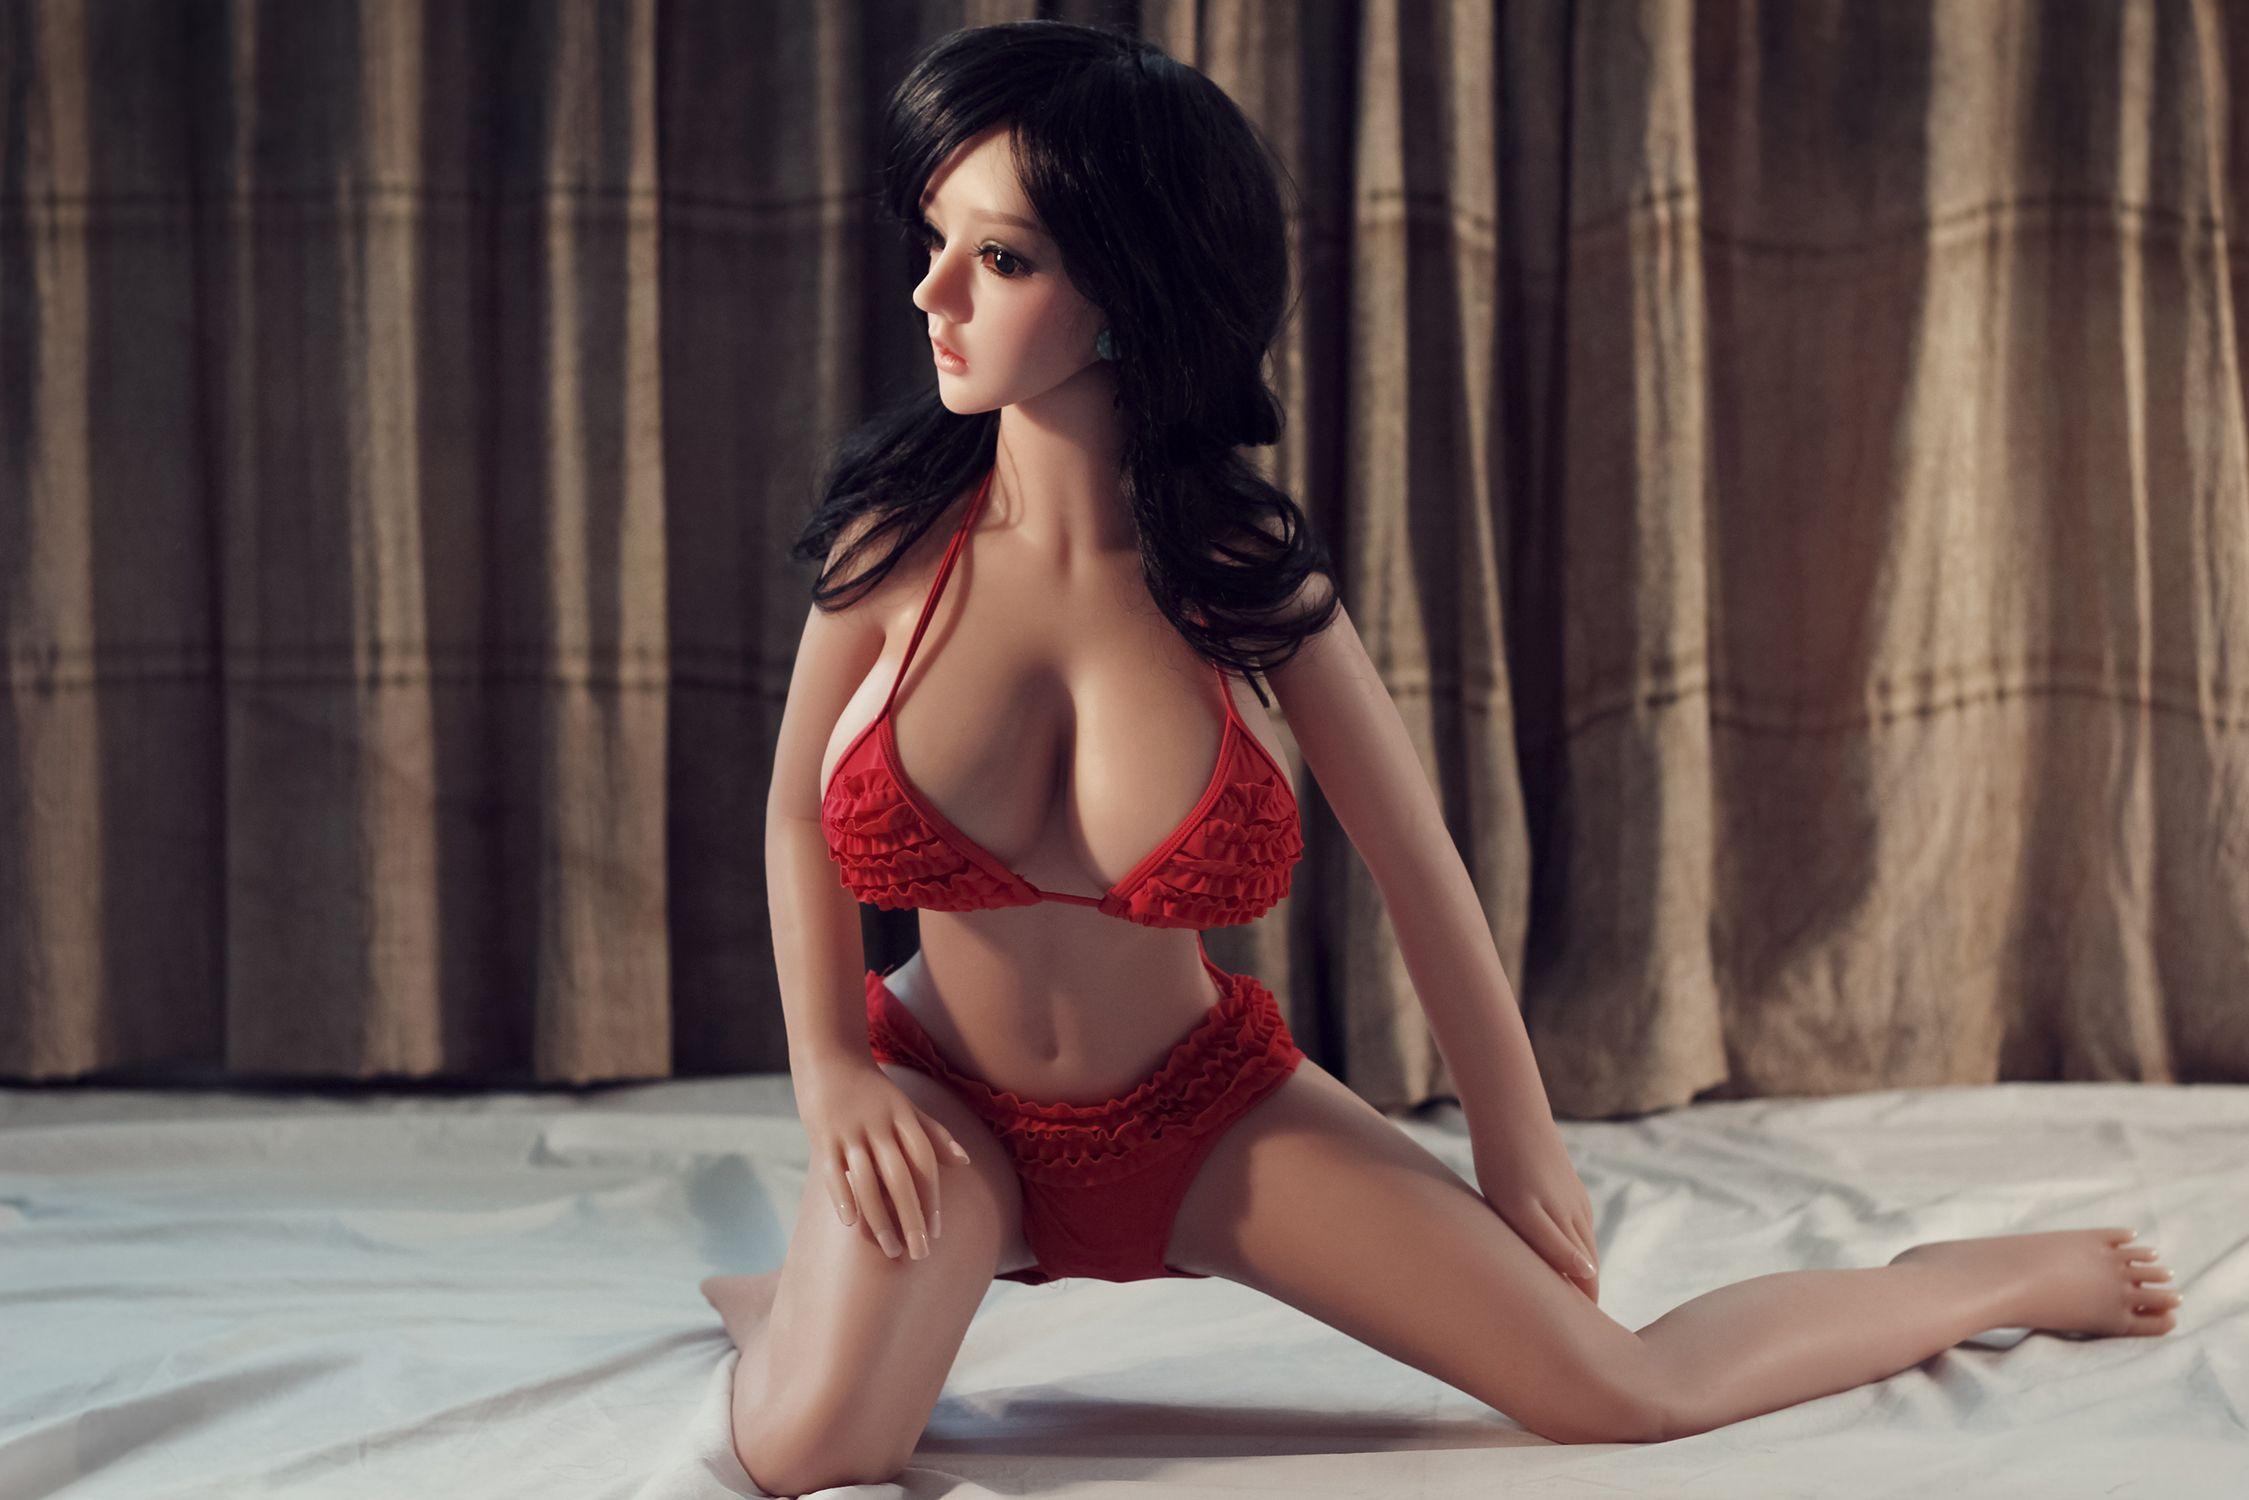 Секс с силиконовой женщиной, С резиновой куклой - бесплатное порно онлайн, смотреть 22 фотография